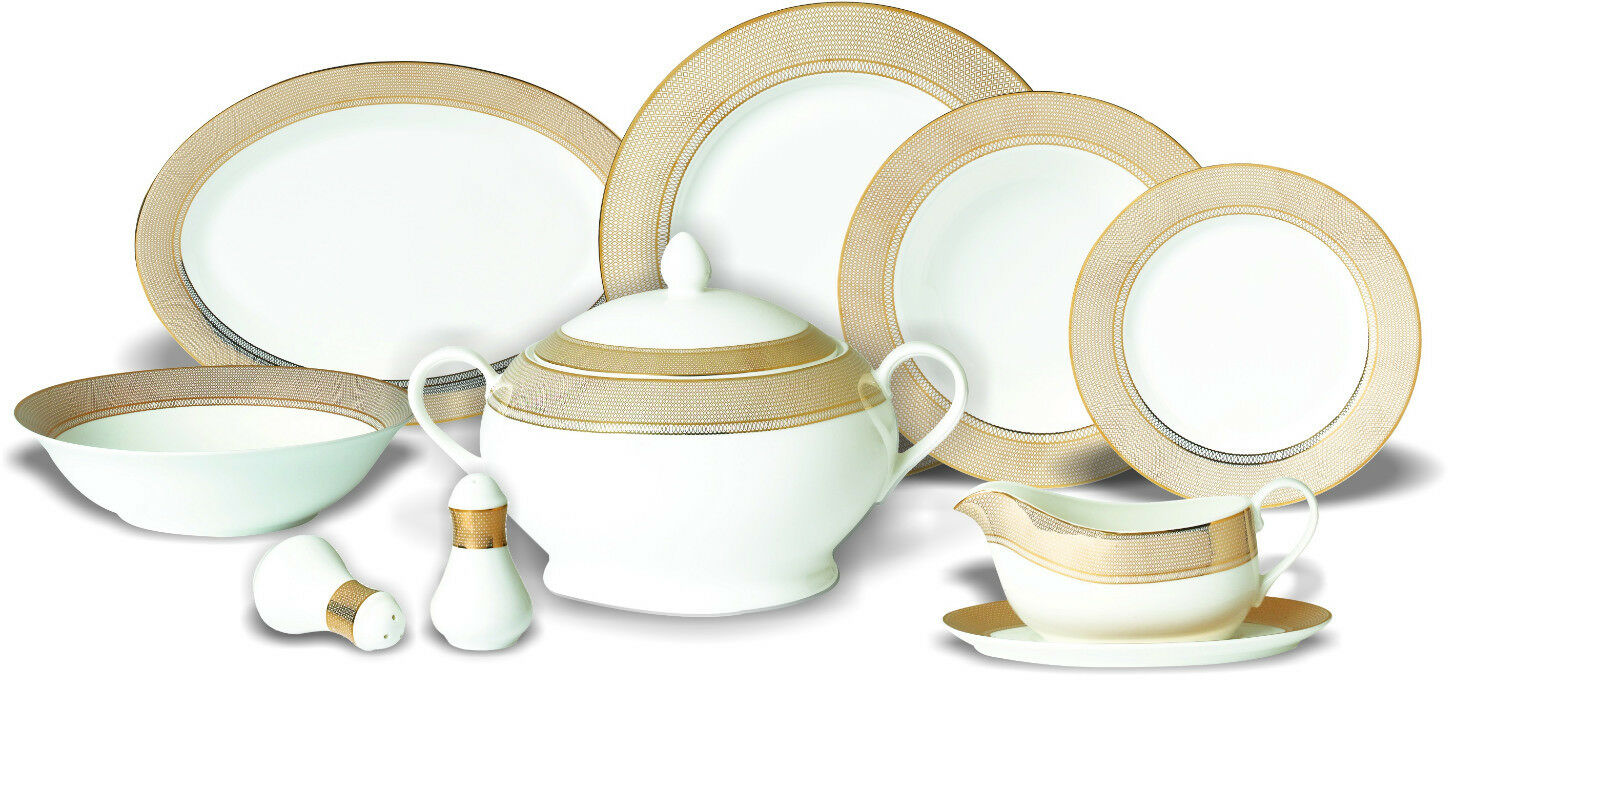 42 pièce de porcelaine Set Cuisine tablerware vaisselle assiette service or